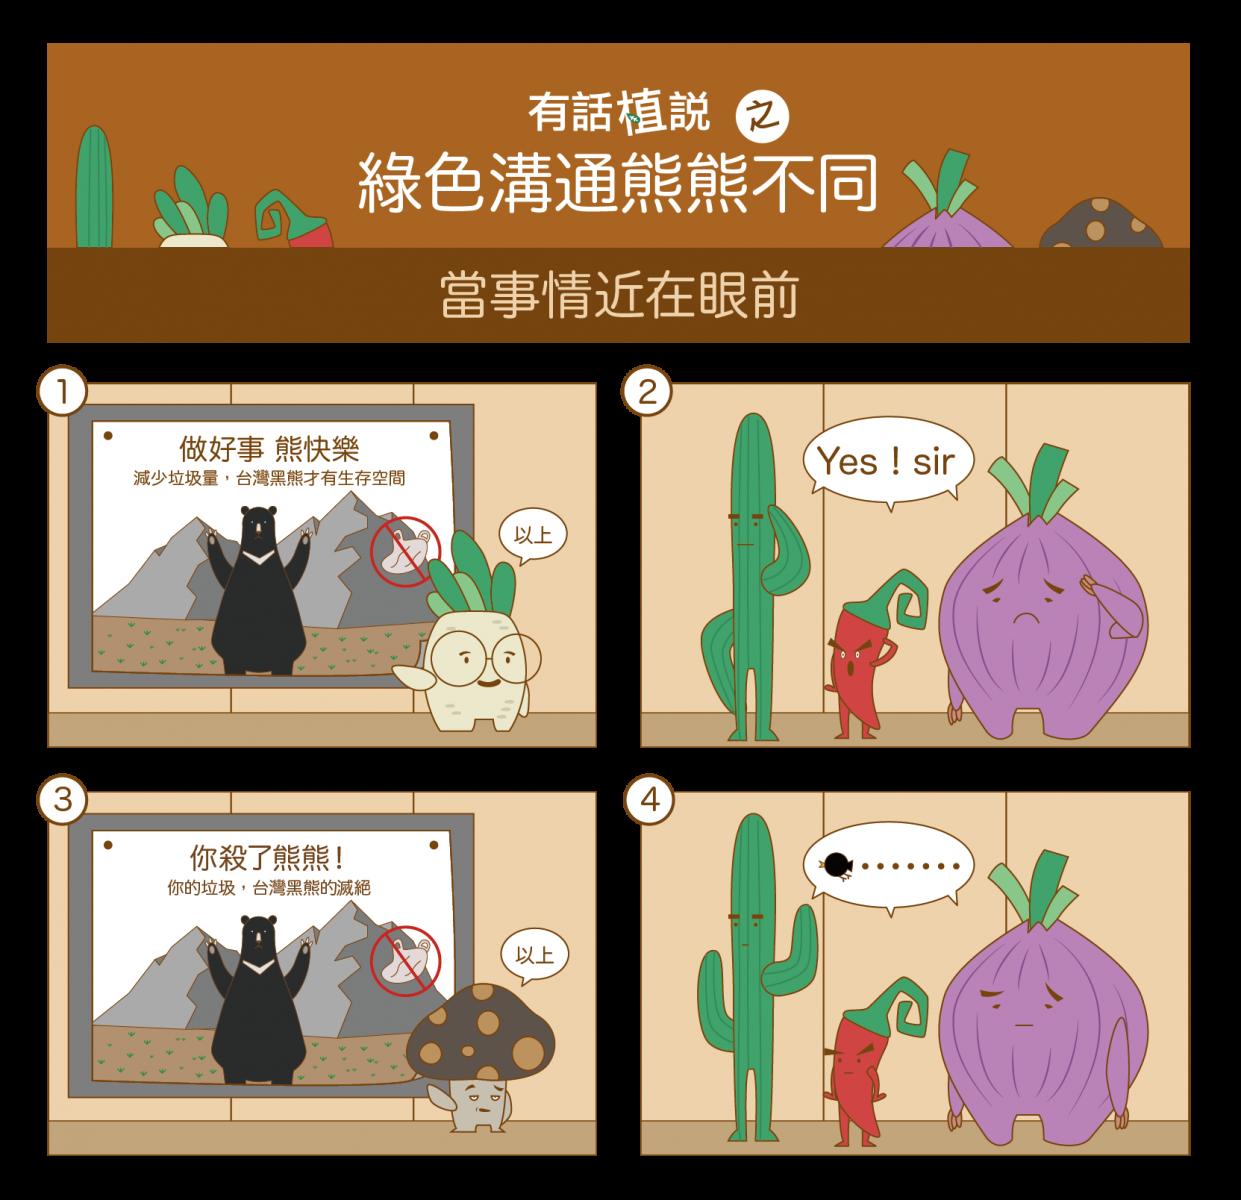 有話植說 綠色溝通 熊熊不同 臺灣黑熊議題以「希望」作為訴求較有效